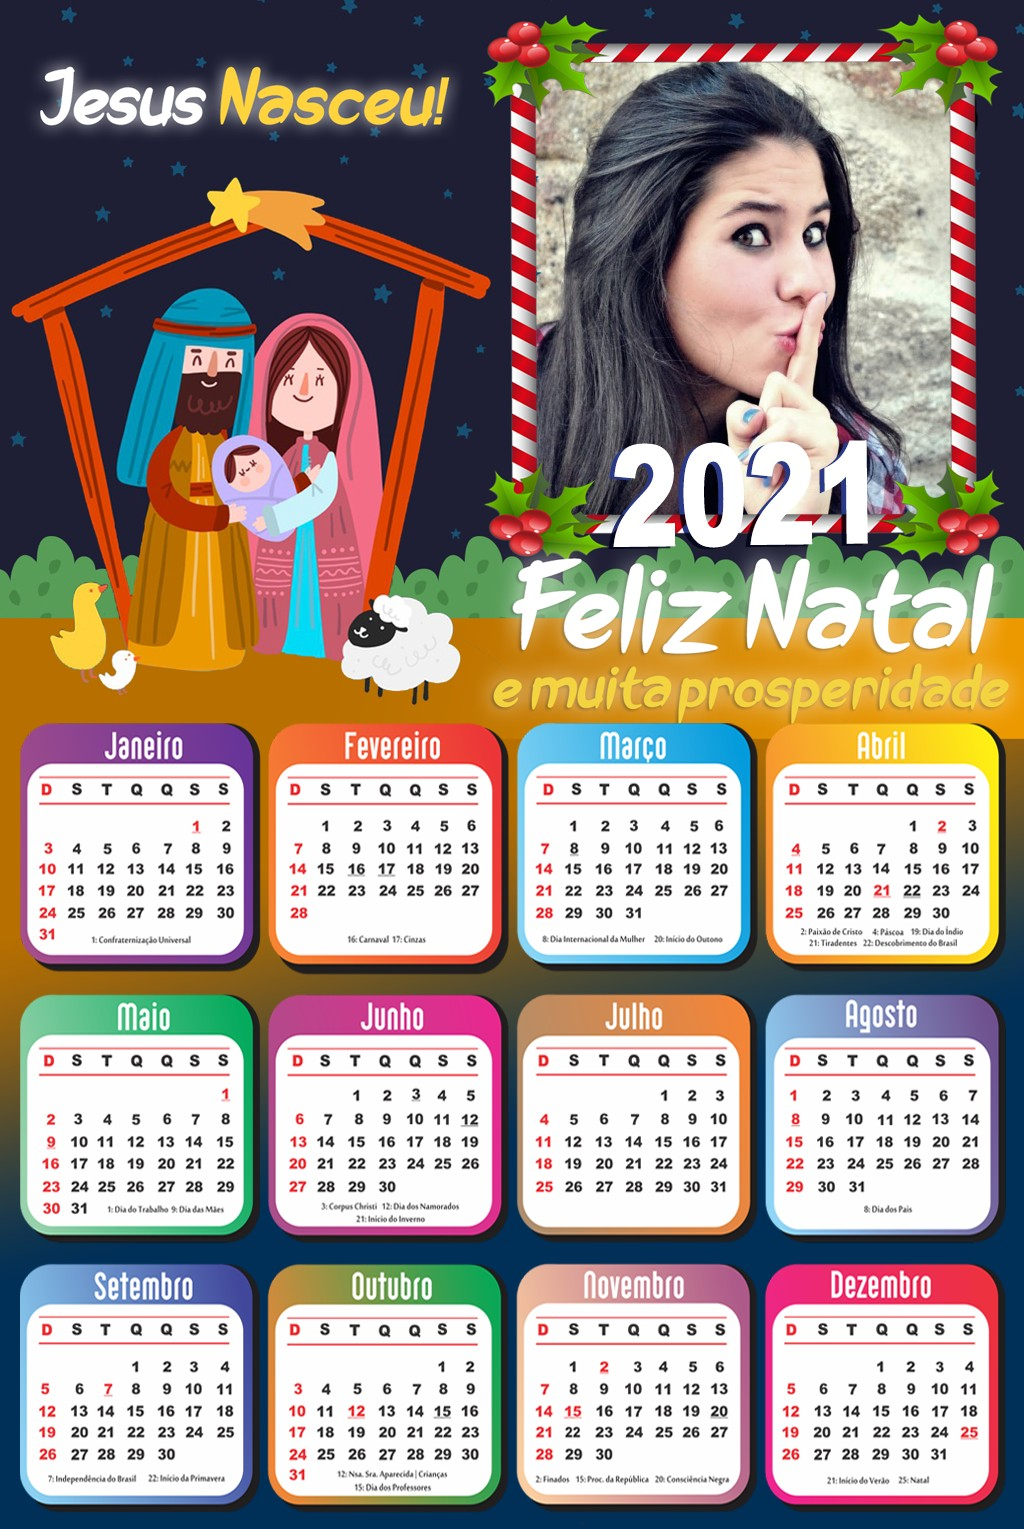 2021-natal-jesus-nasceu